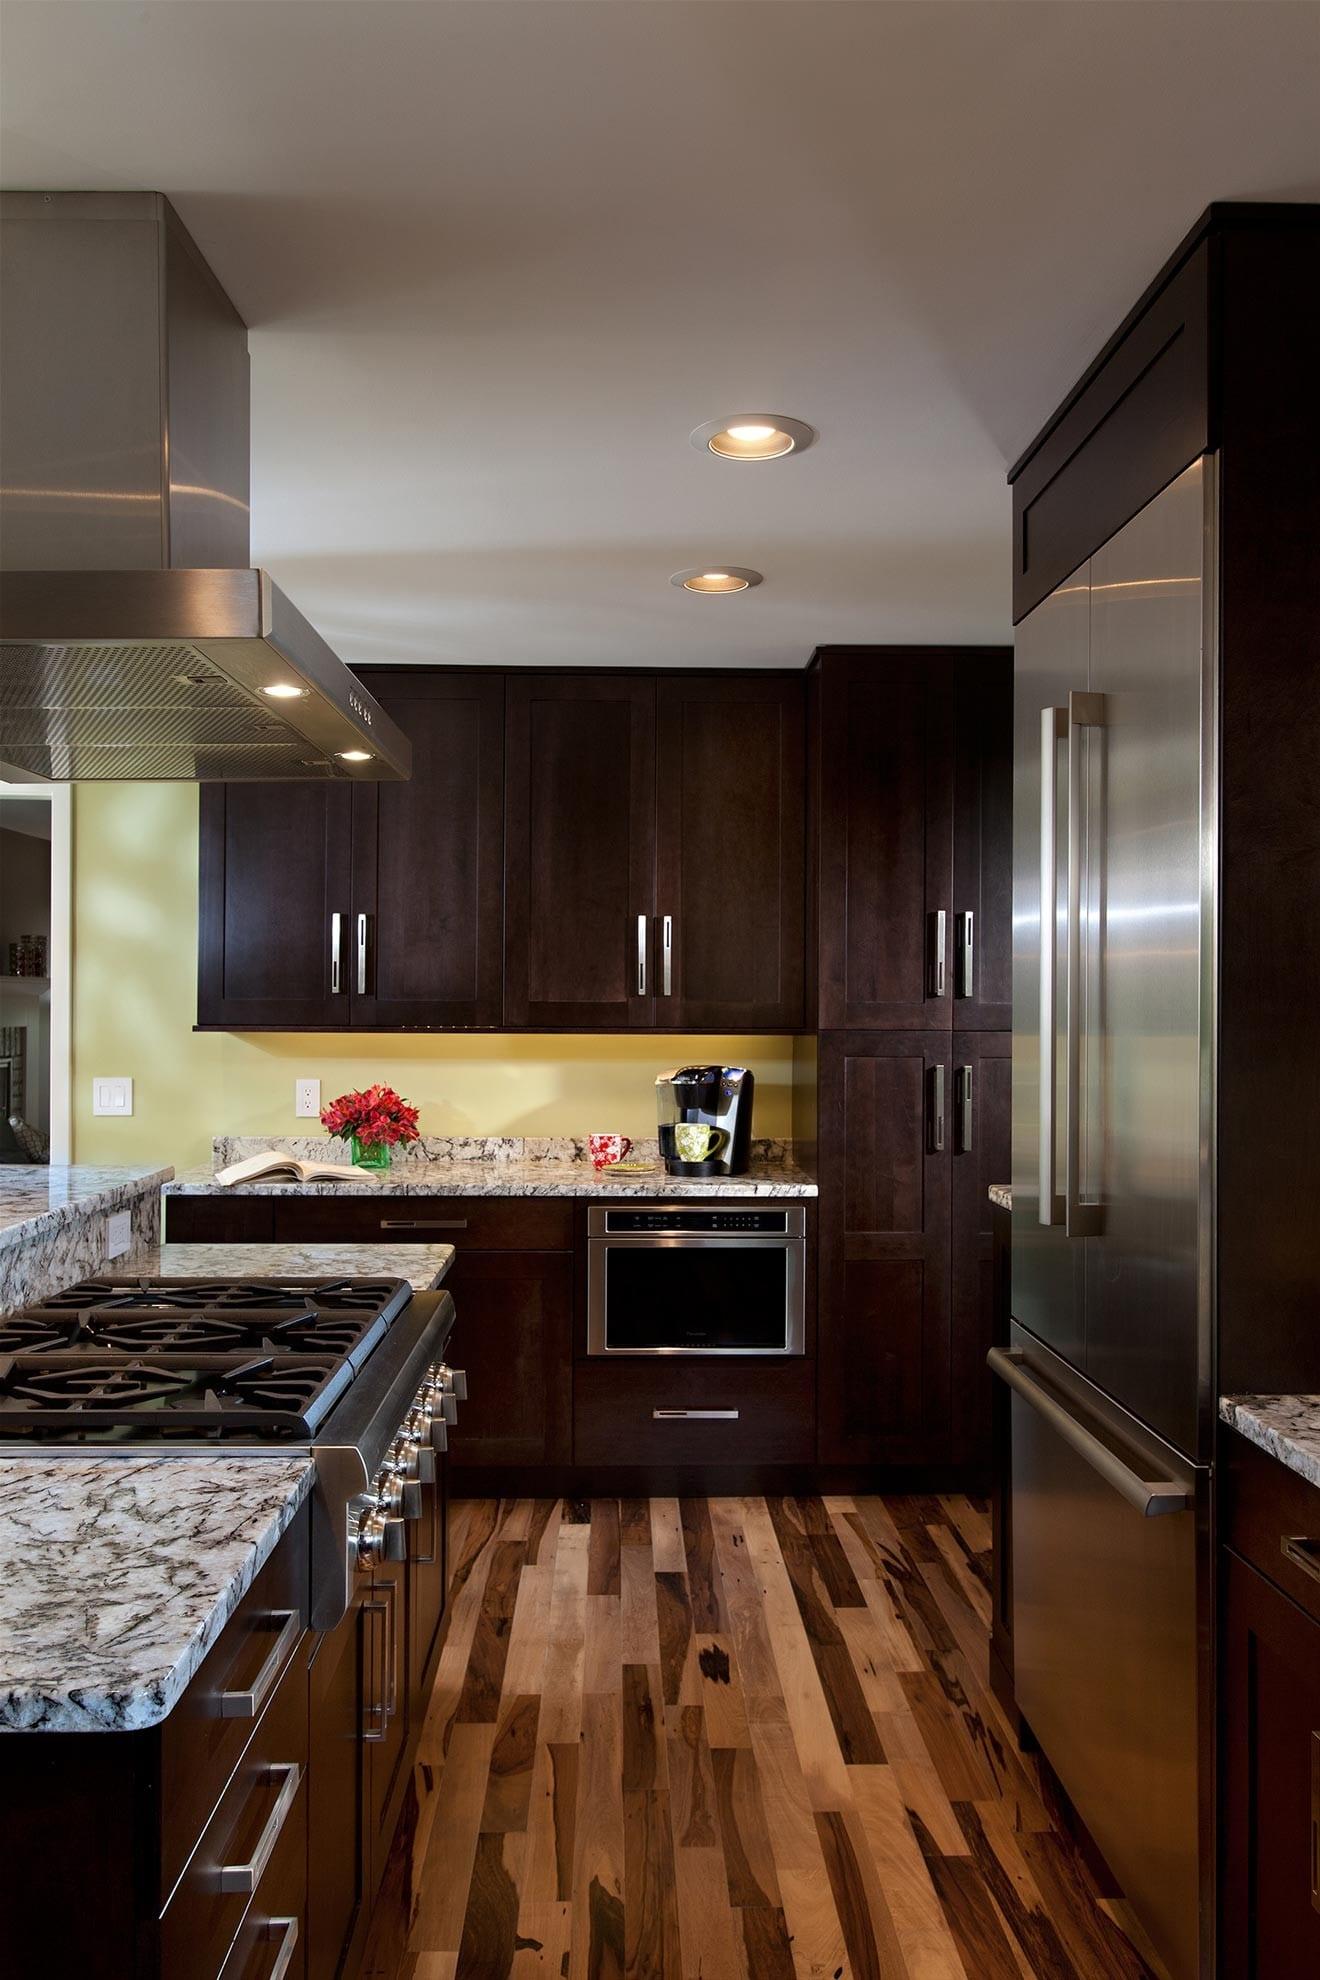 Bathroom Remodeling Harrisburg Pa ▻ kitchen remodel : shelter kitchen remodeling york pa j mark